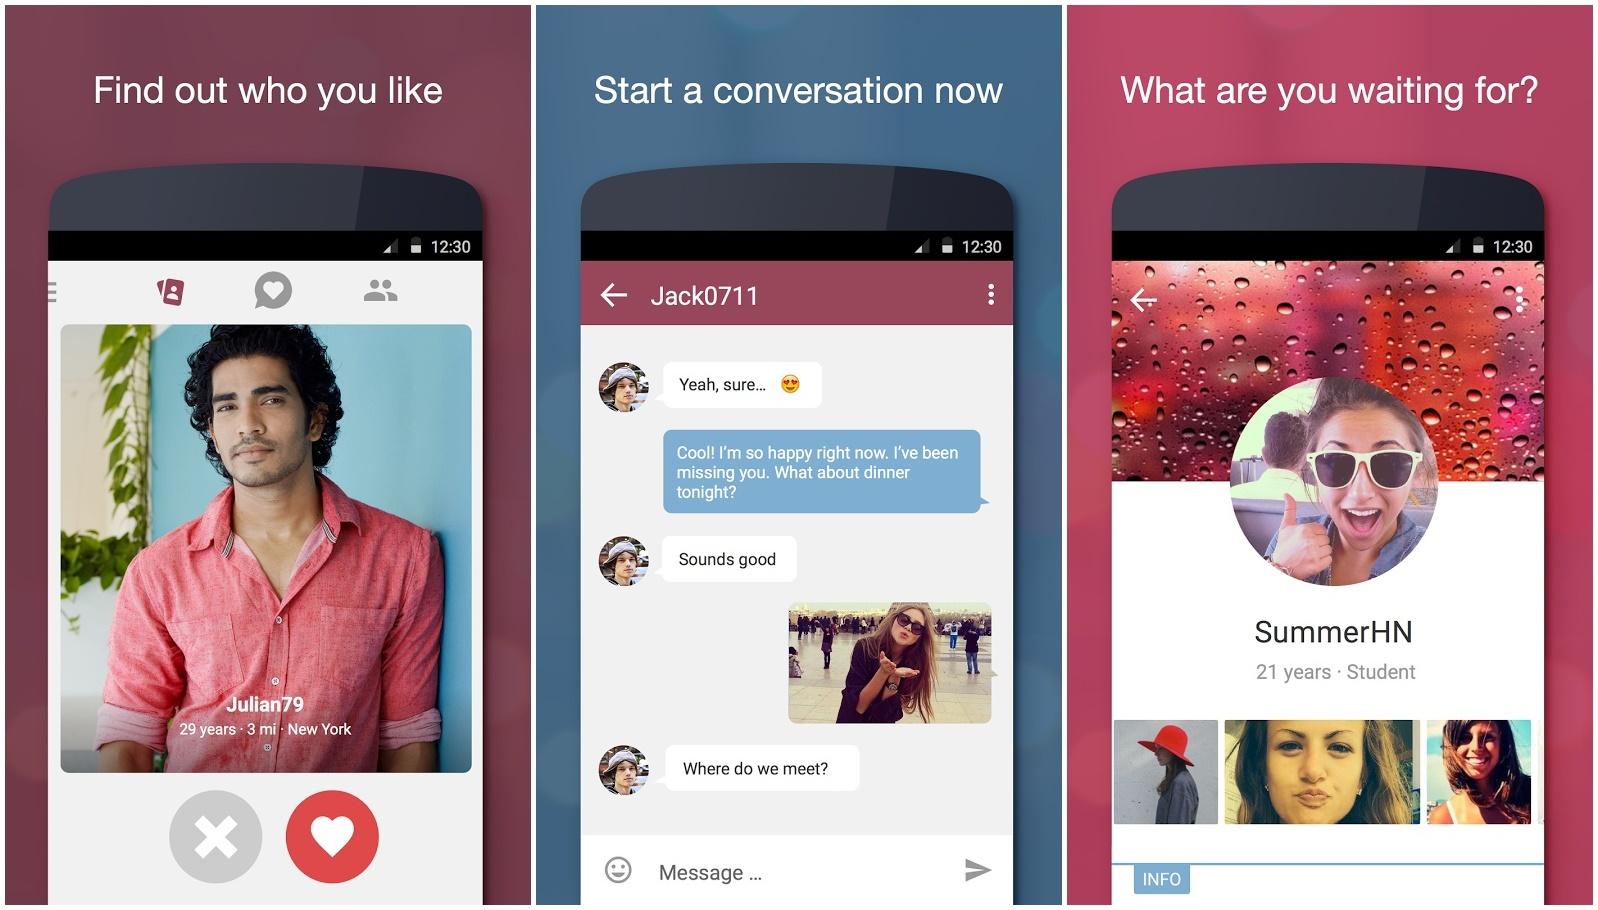 apps flirt chat guide free flirting